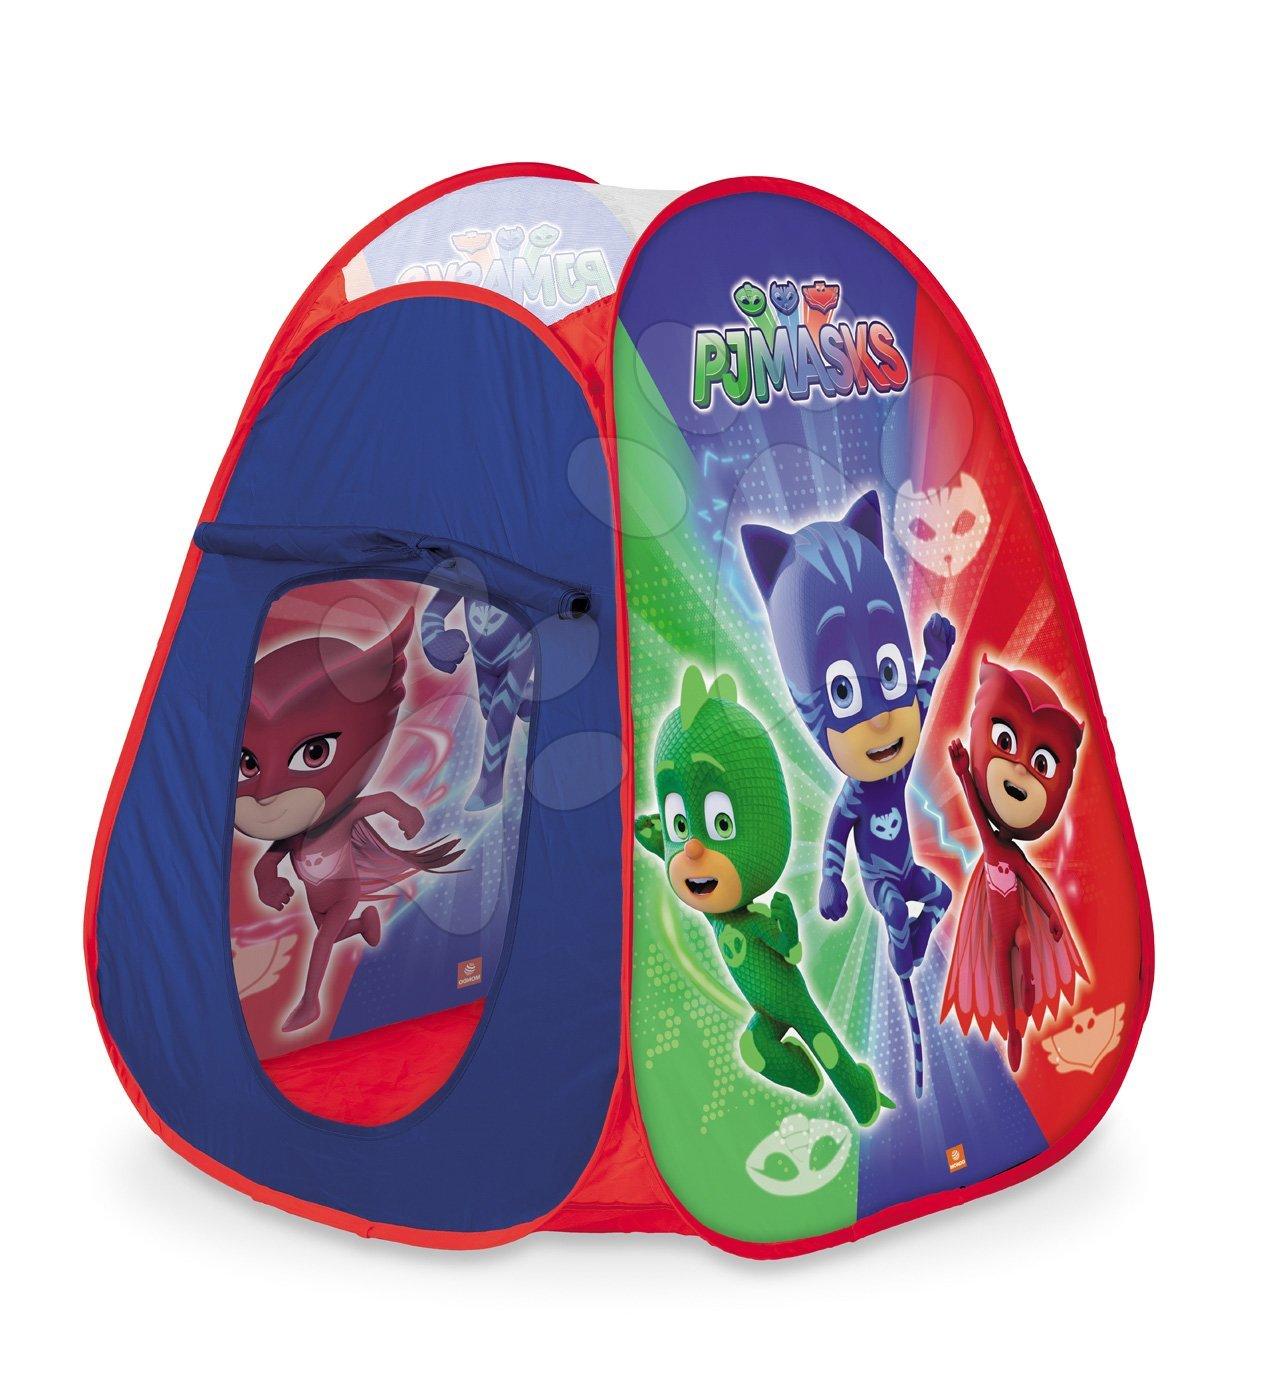 Mondo stan pre deti PJ Masks Pop Up s okrúhlou taškou červenou 28435